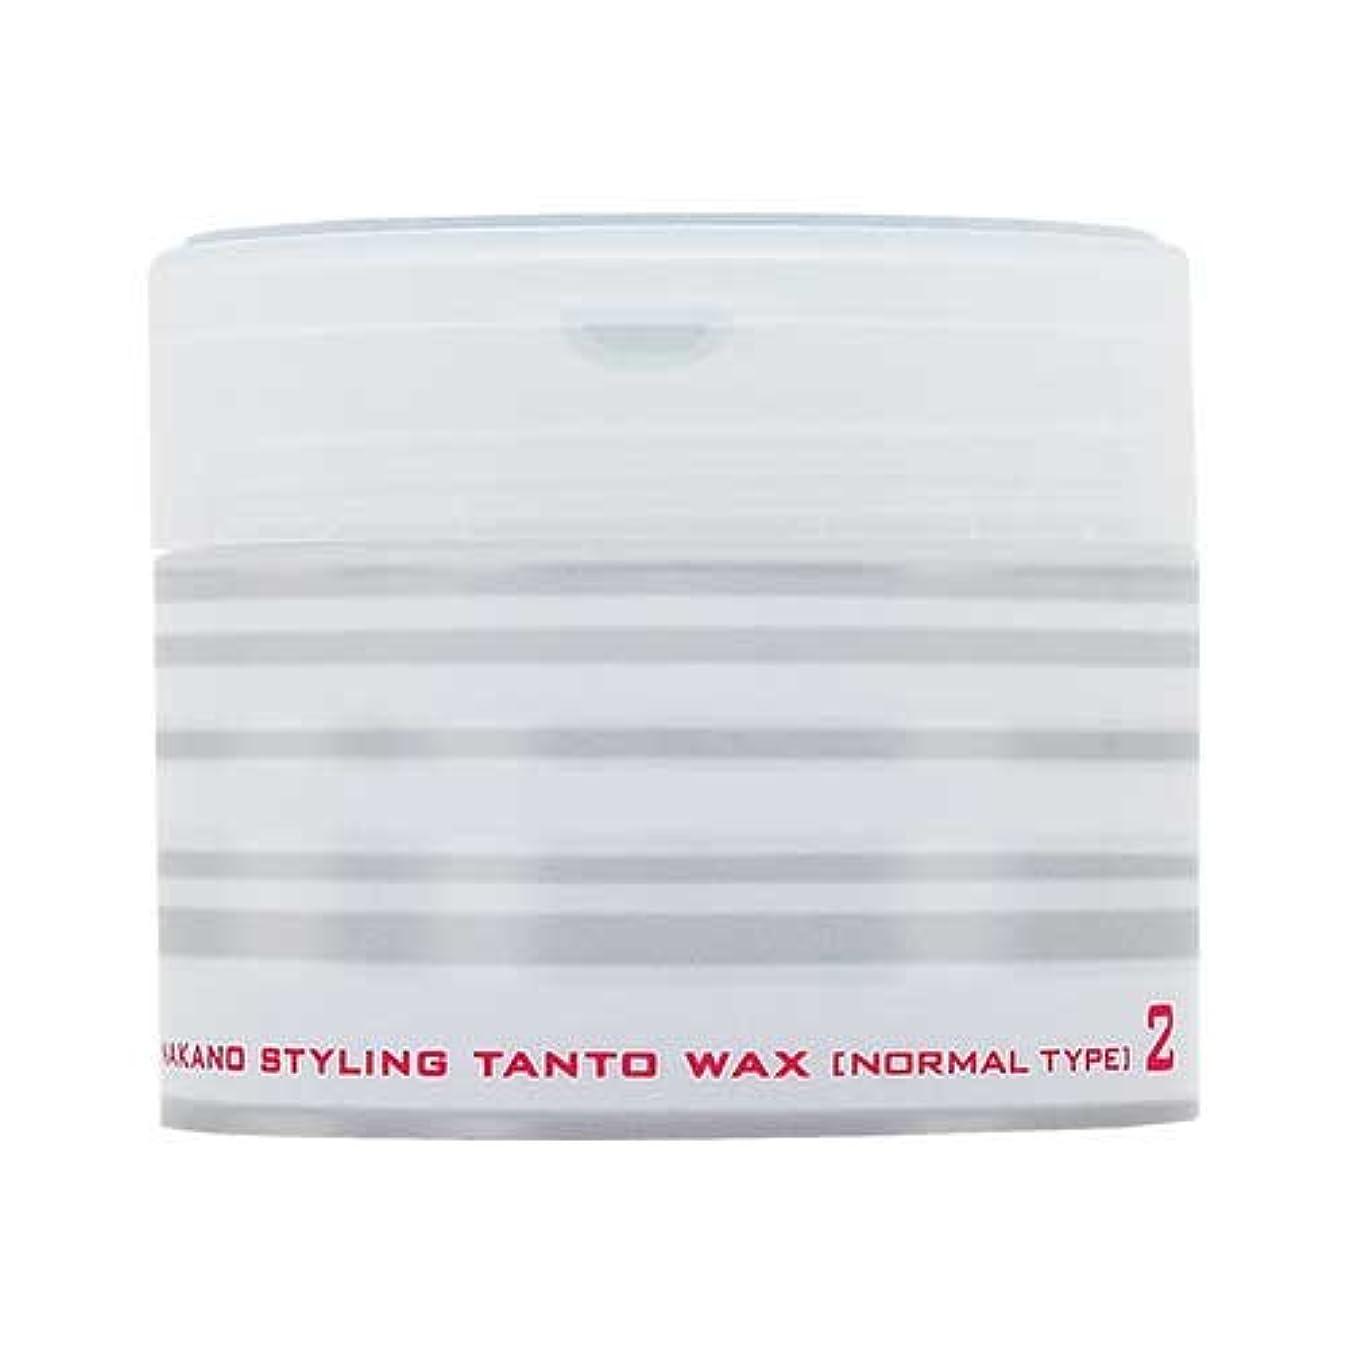 注ぎますあからさま紀元前ナカノ スタイリング タントN ワックス 2 ノーマルタイプ 90g 中野製薬 NAKANO